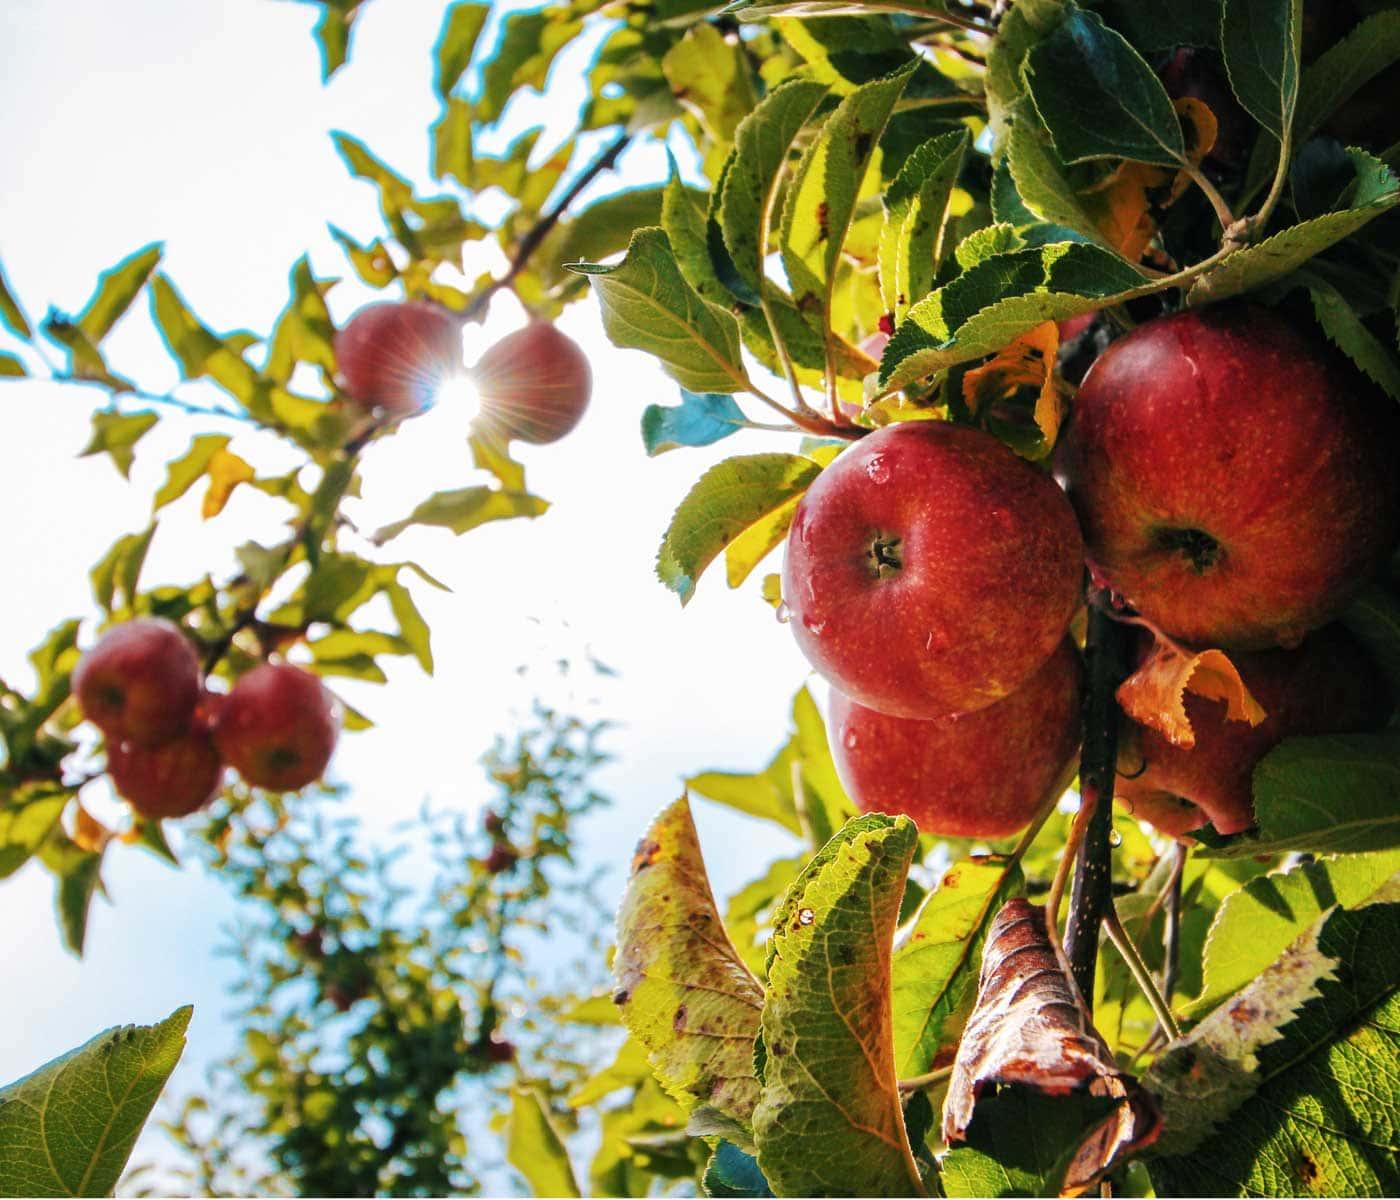 Ausflug mit Kindern: Zur Apfelernte in Brandenburg // HIMBEER